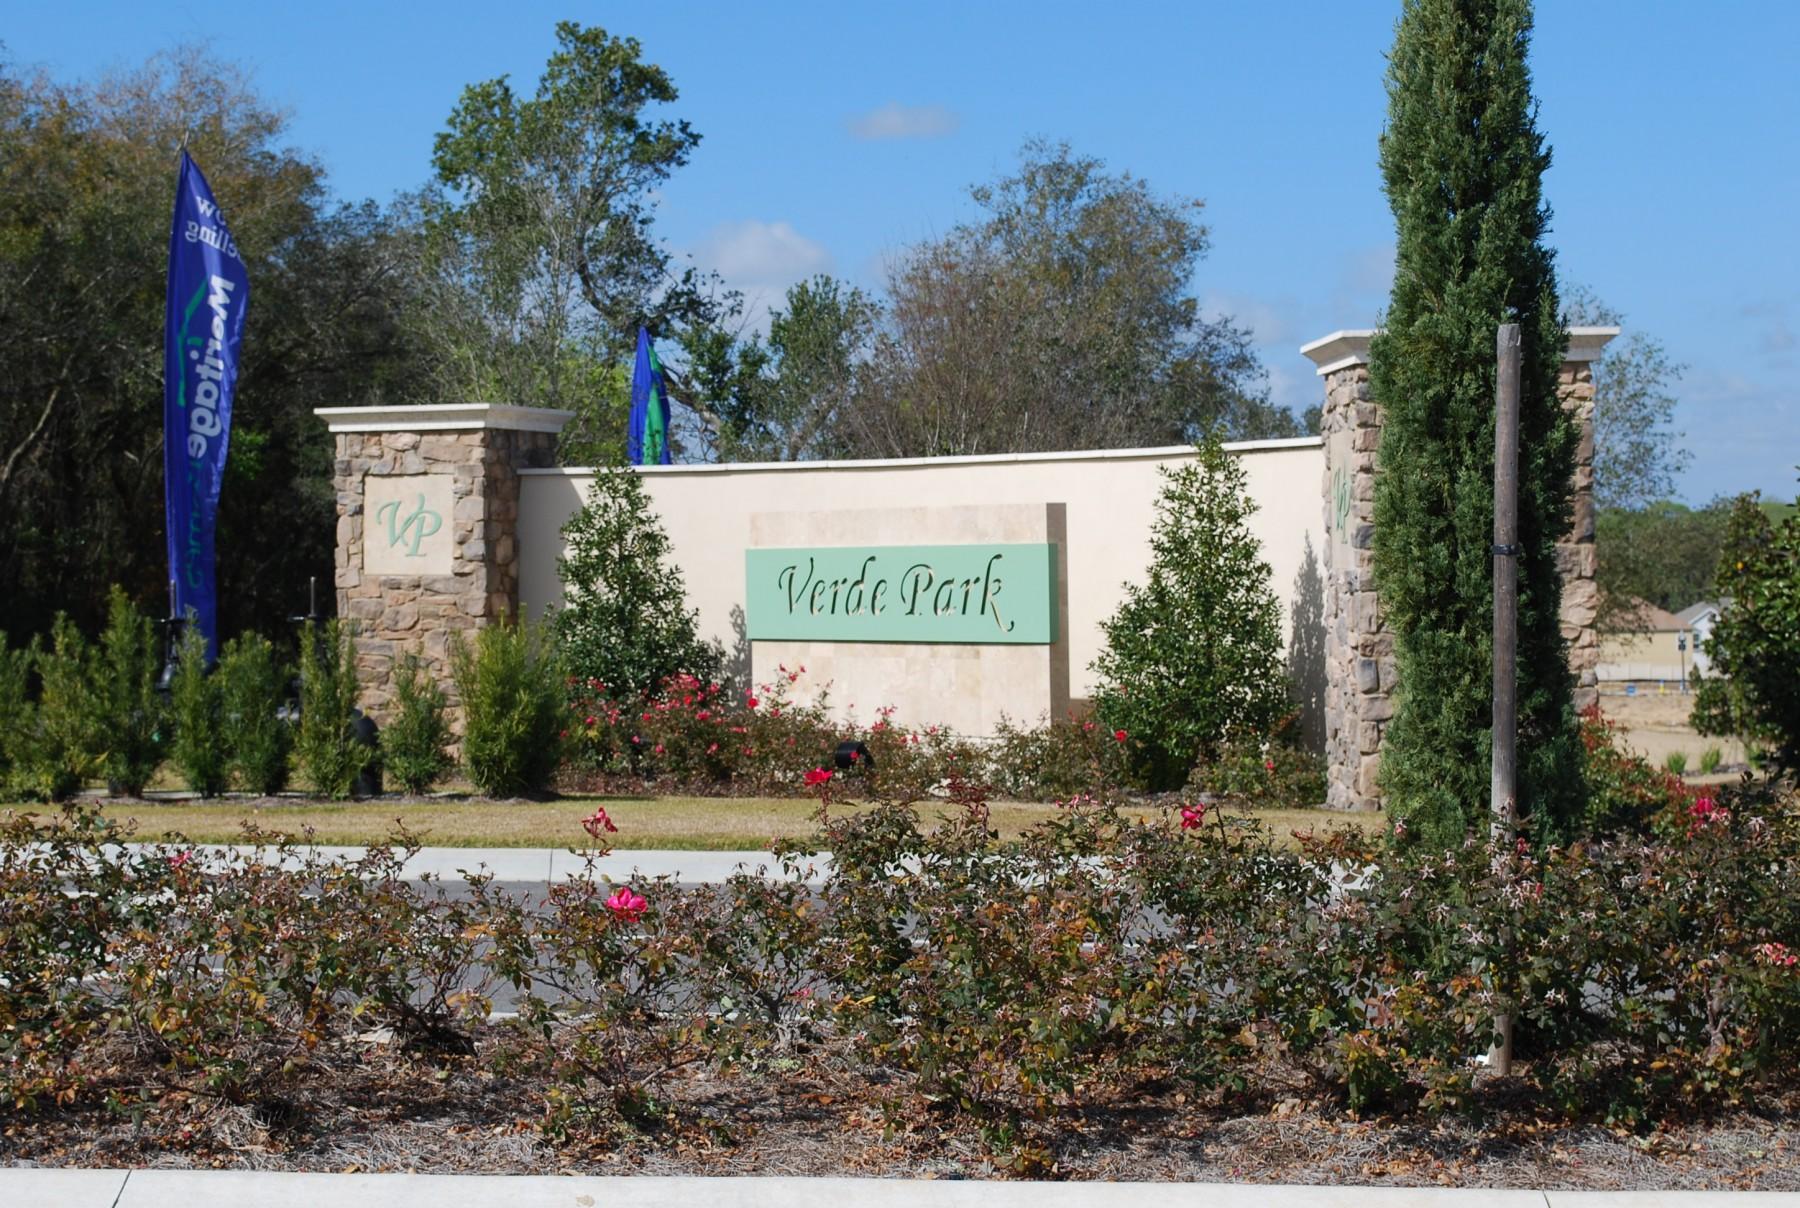 Verde Park sign